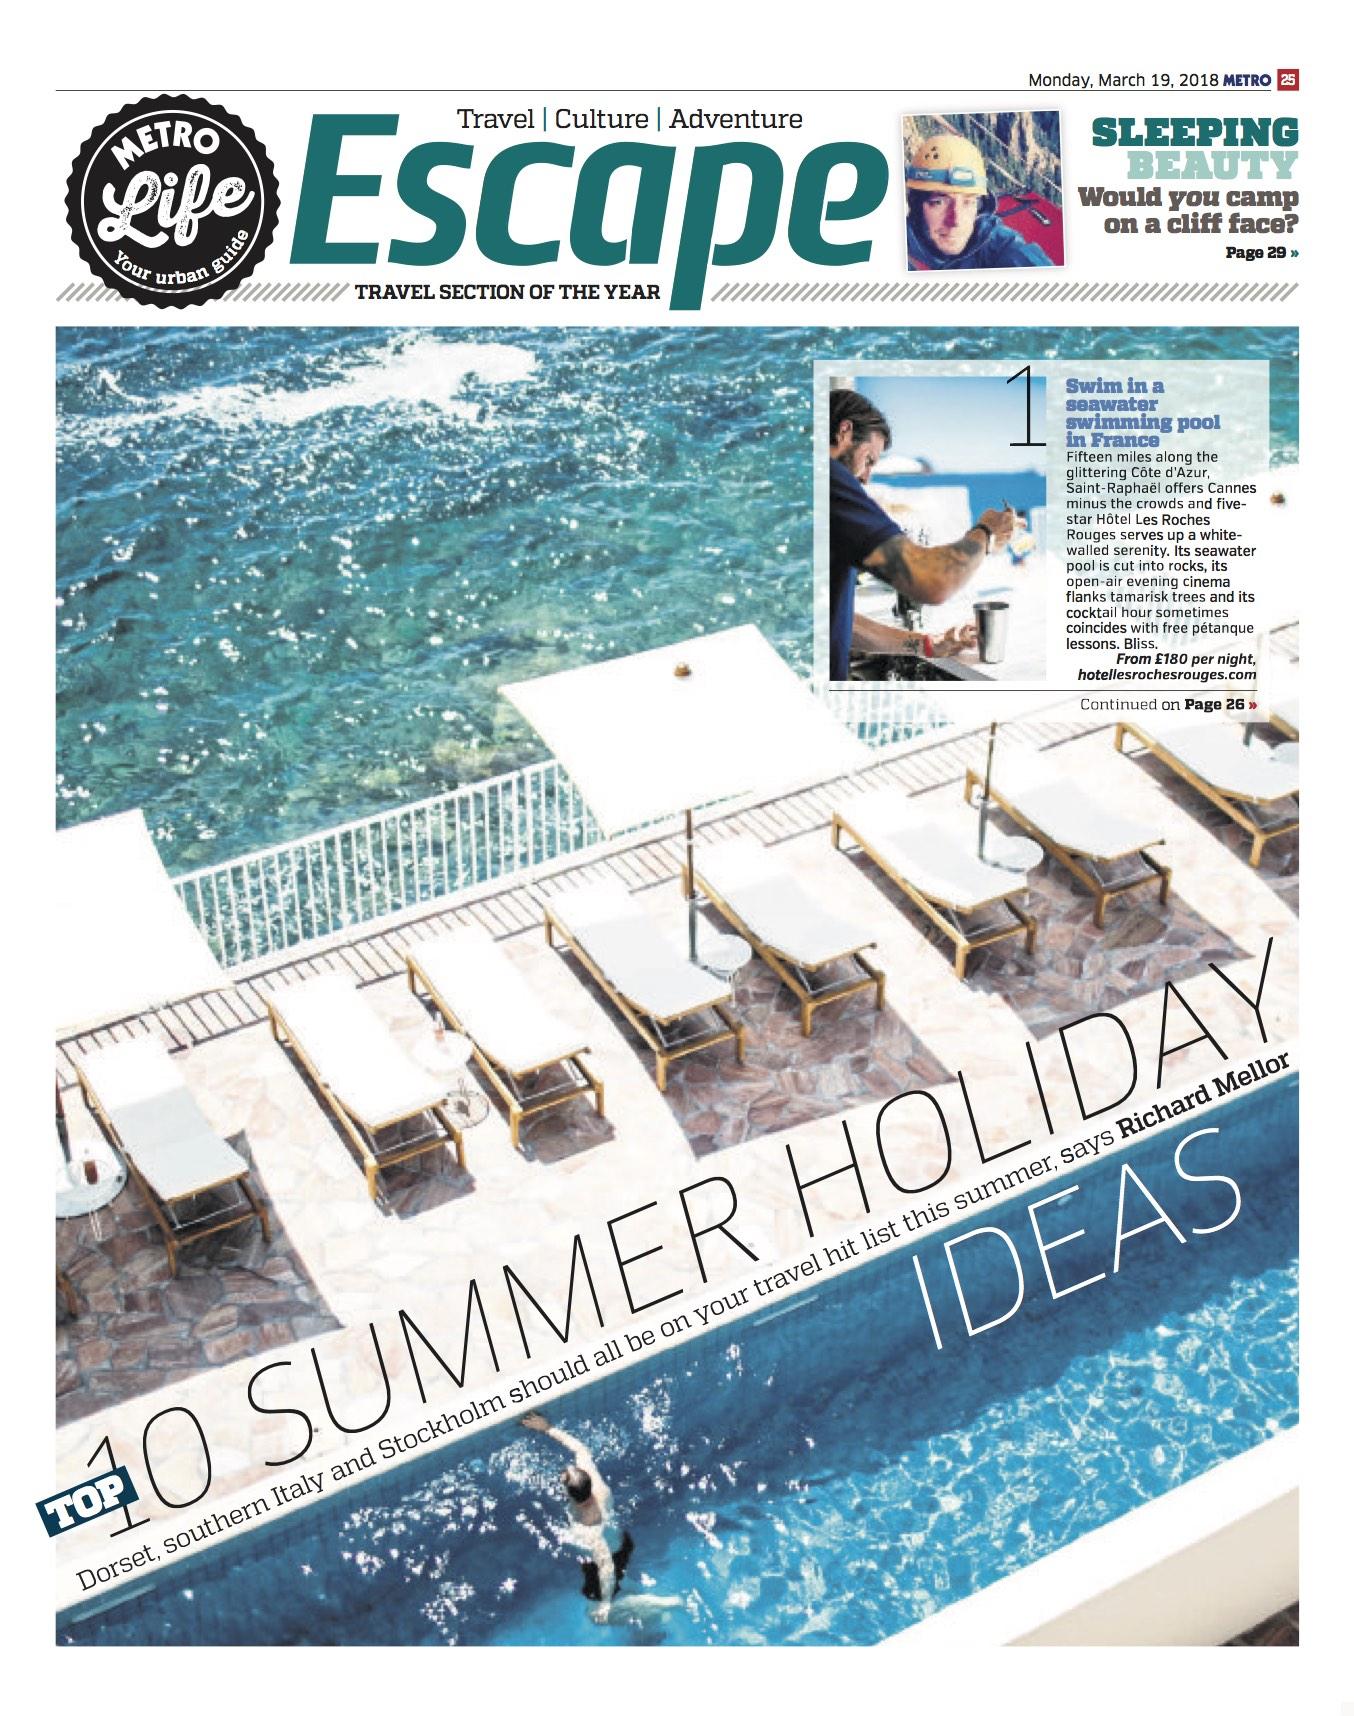 Metro - Top 10 Summer Holidays - Mar 2018.jpg